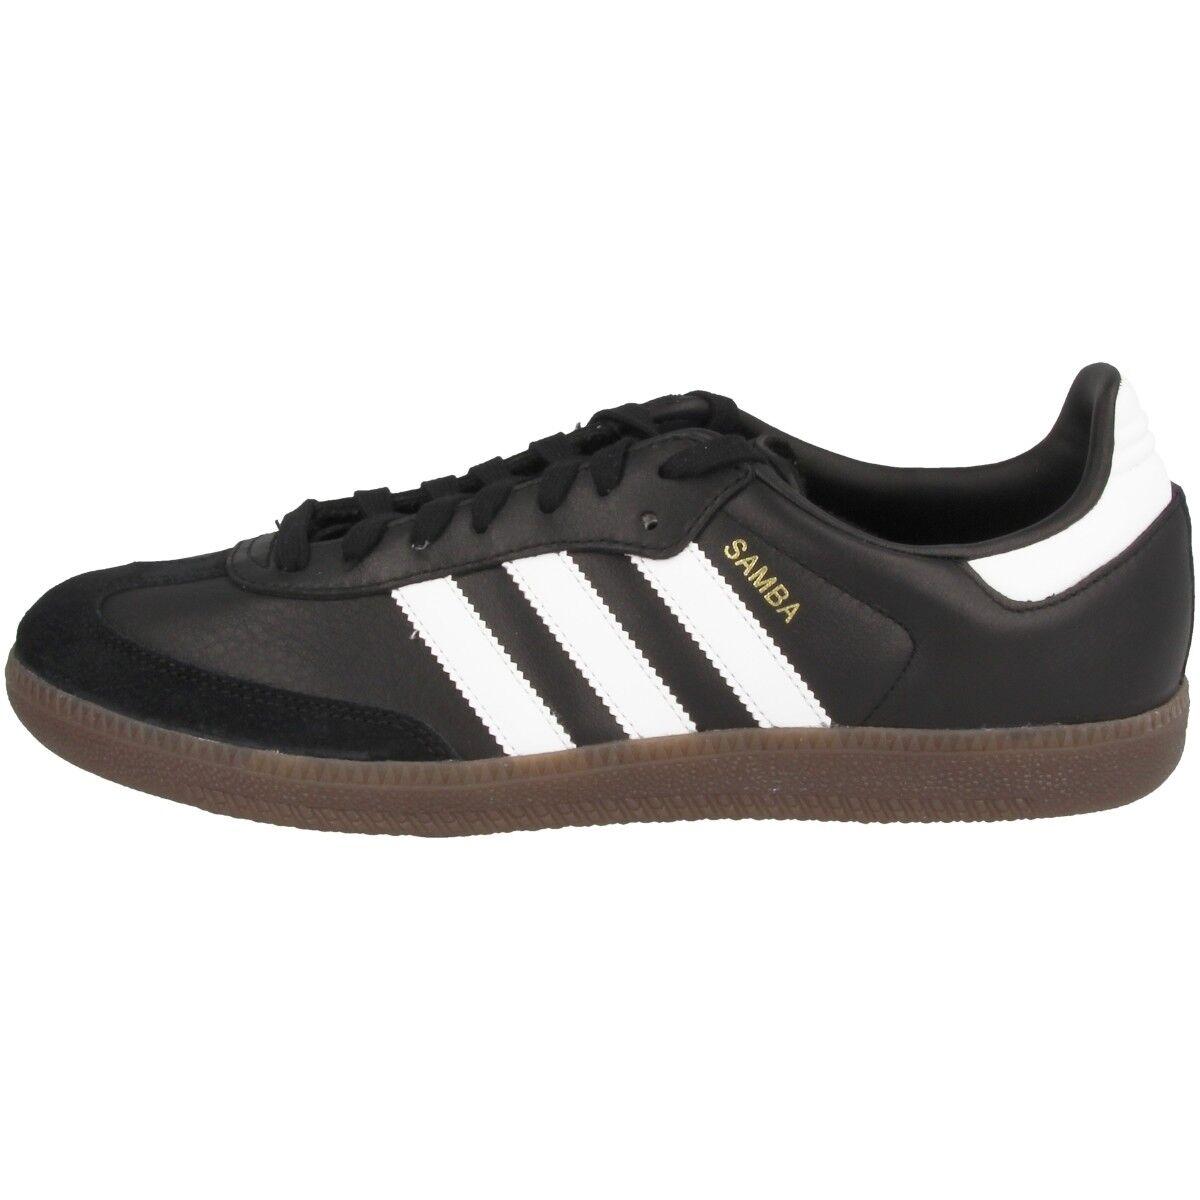 adidas Samba Originale Sneaker OG Scarpe nere bianche GOMMA SPECIALE DRAGON Casual wild